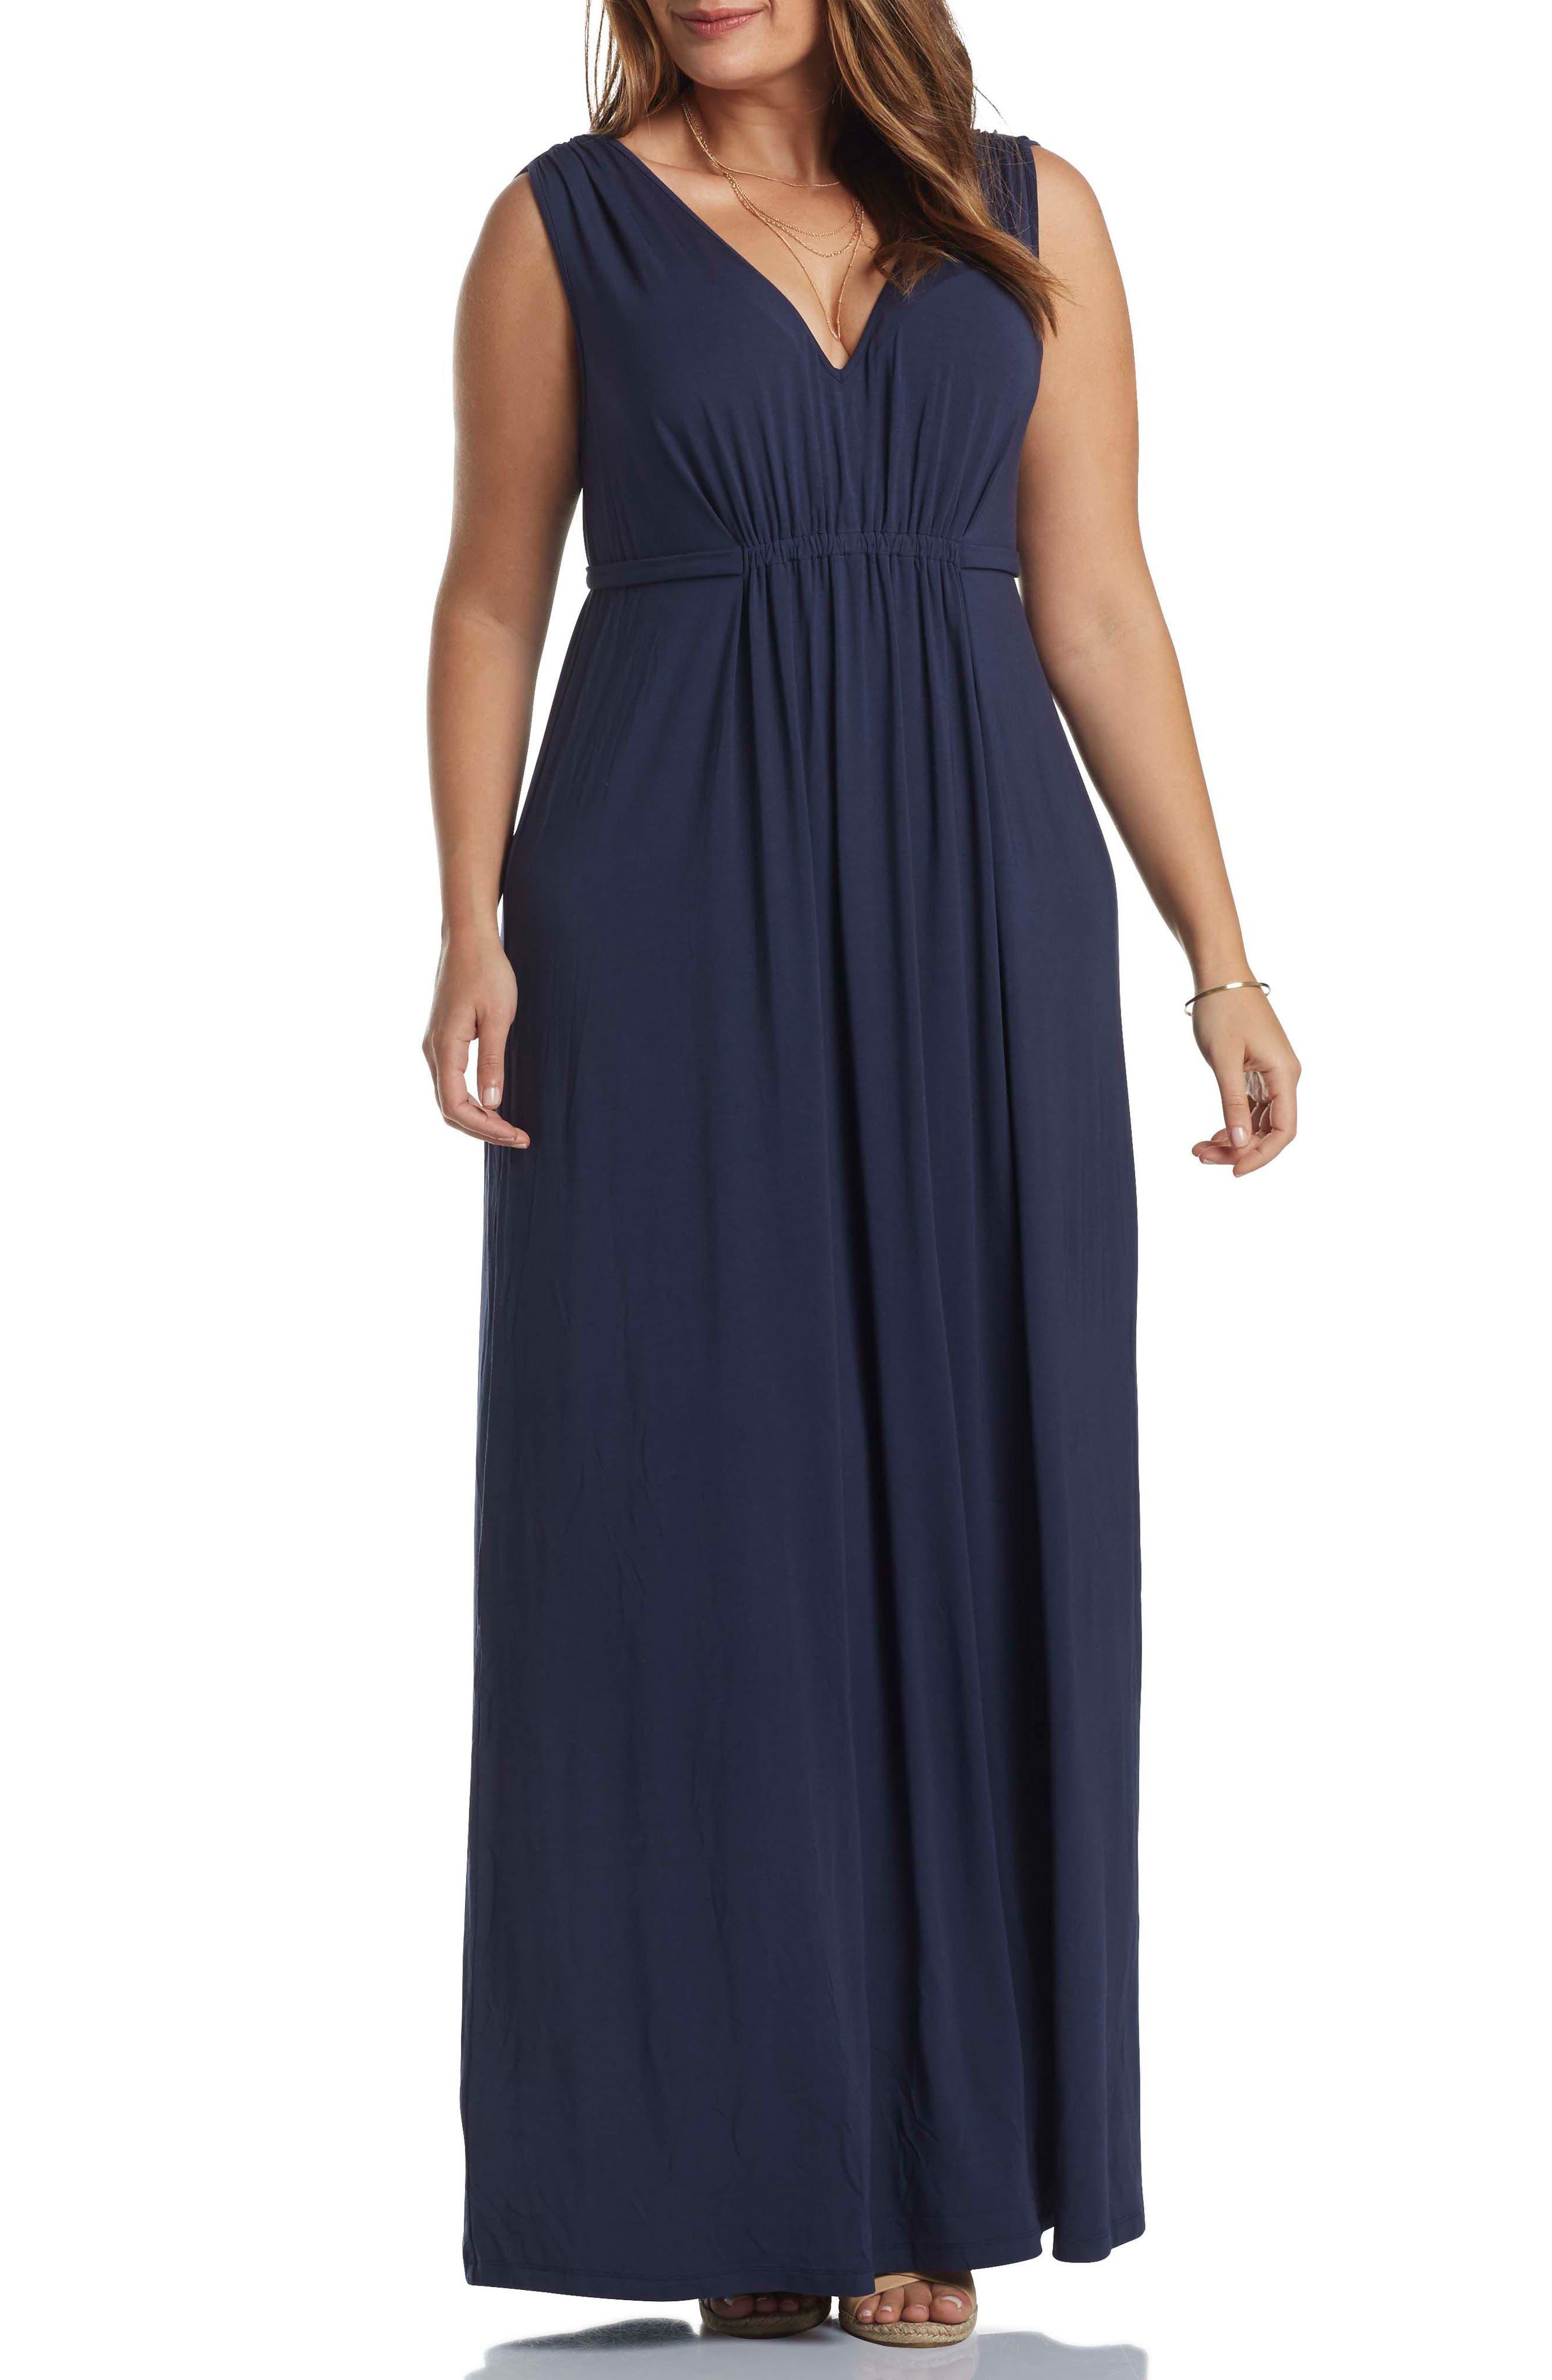 Grecia Sleeveless Jersey Maxi Dress,                             Main thumbnail 5, color,